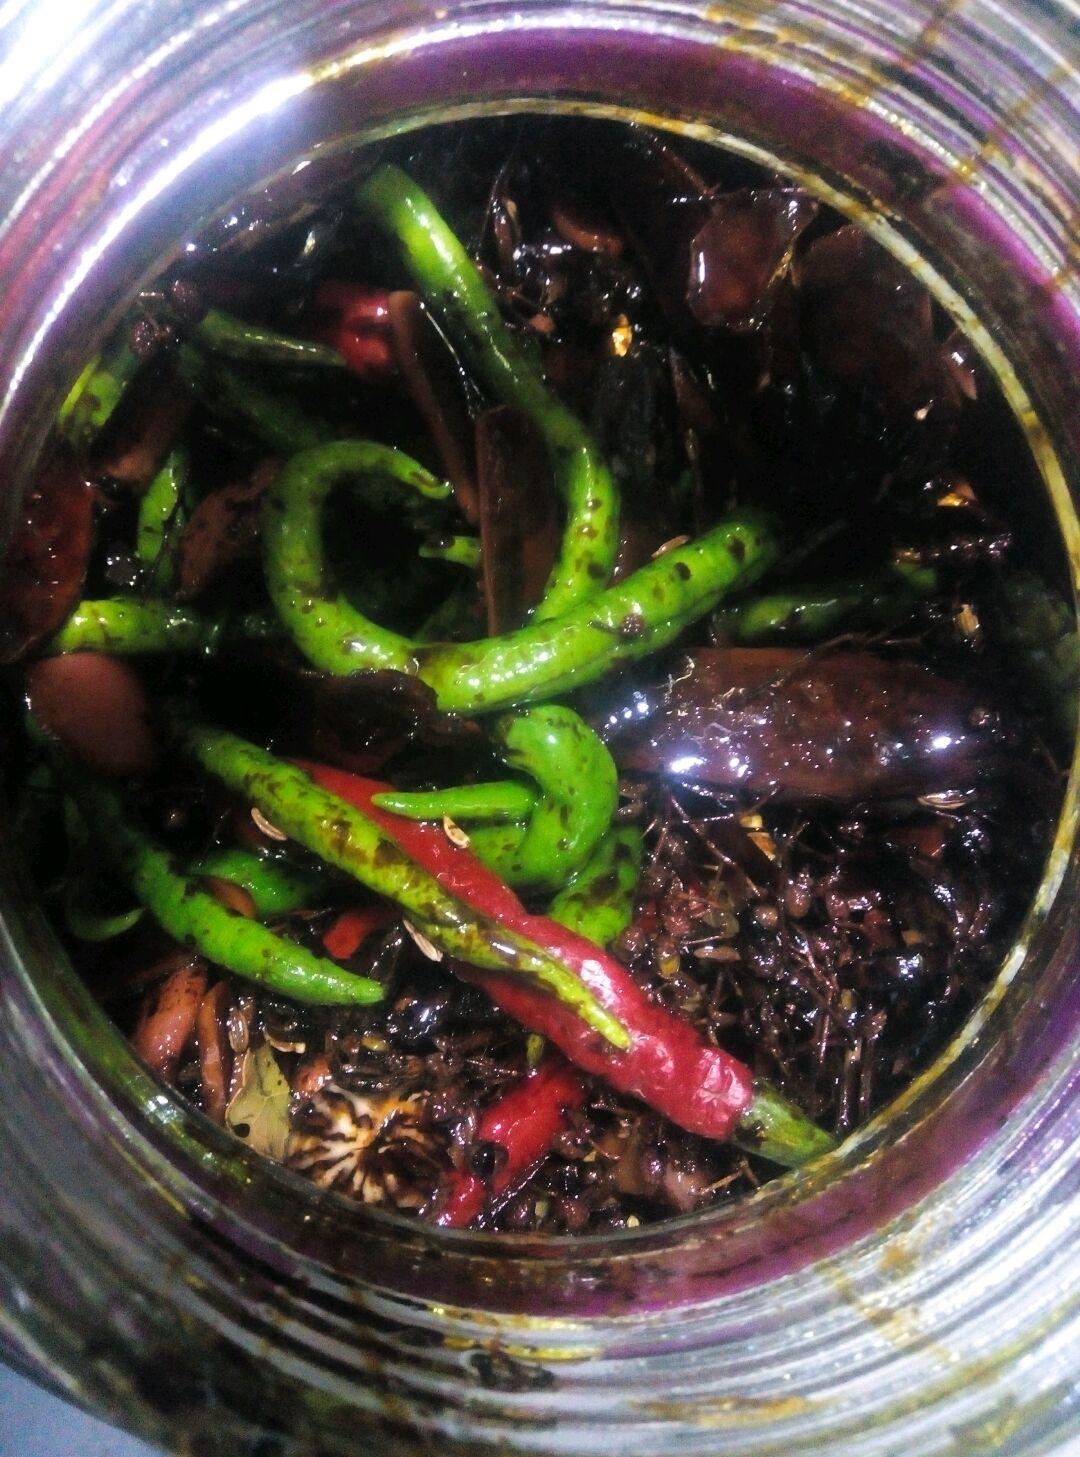 腌辣椒的做法_【图解】腌辣椒怎么做如何做好吃_腌_易